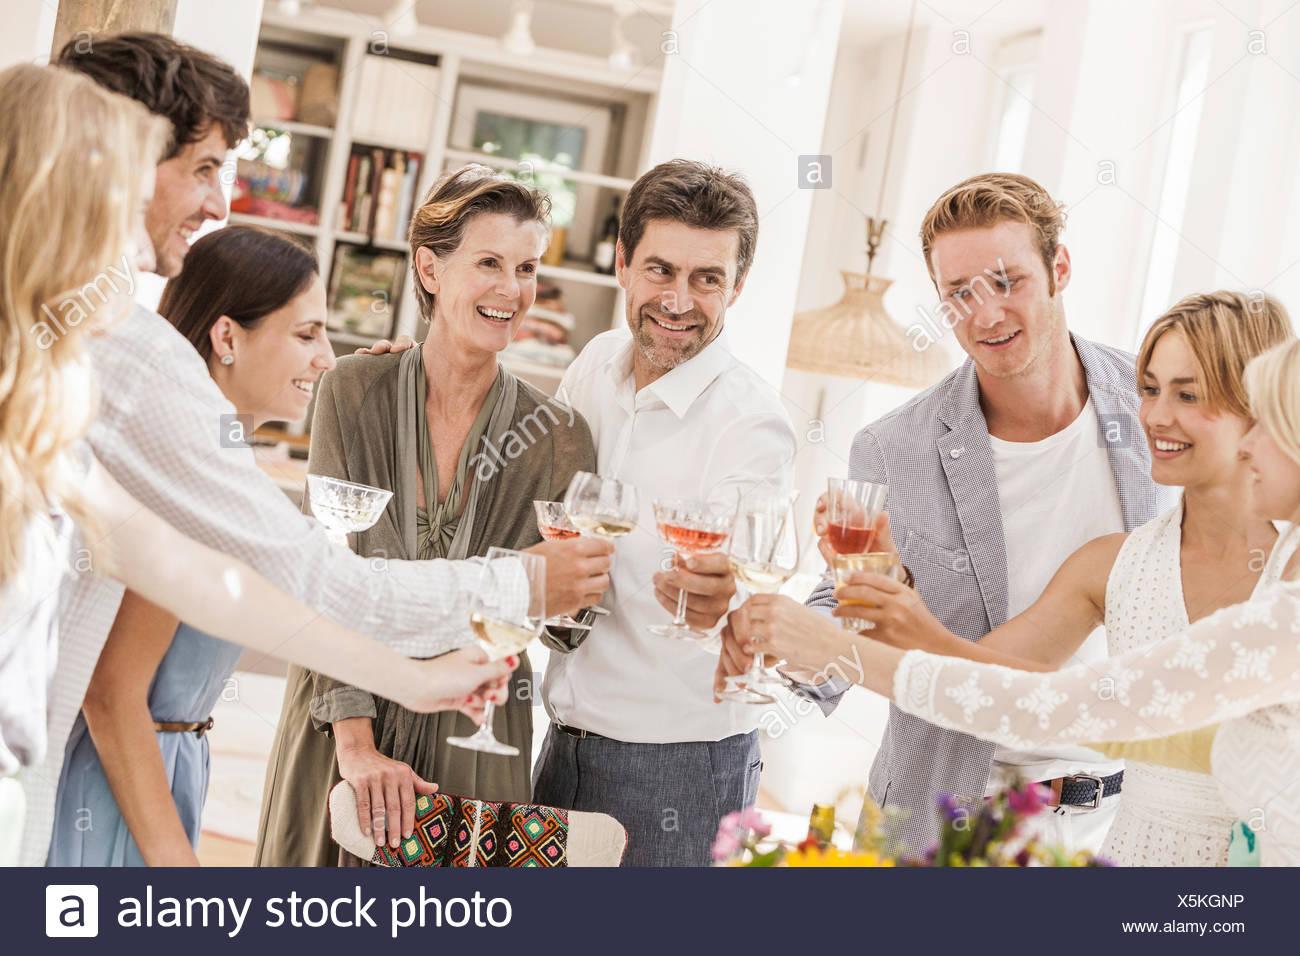 Famiglia fare un brindisi alla festa di compleanno Immagini Stock